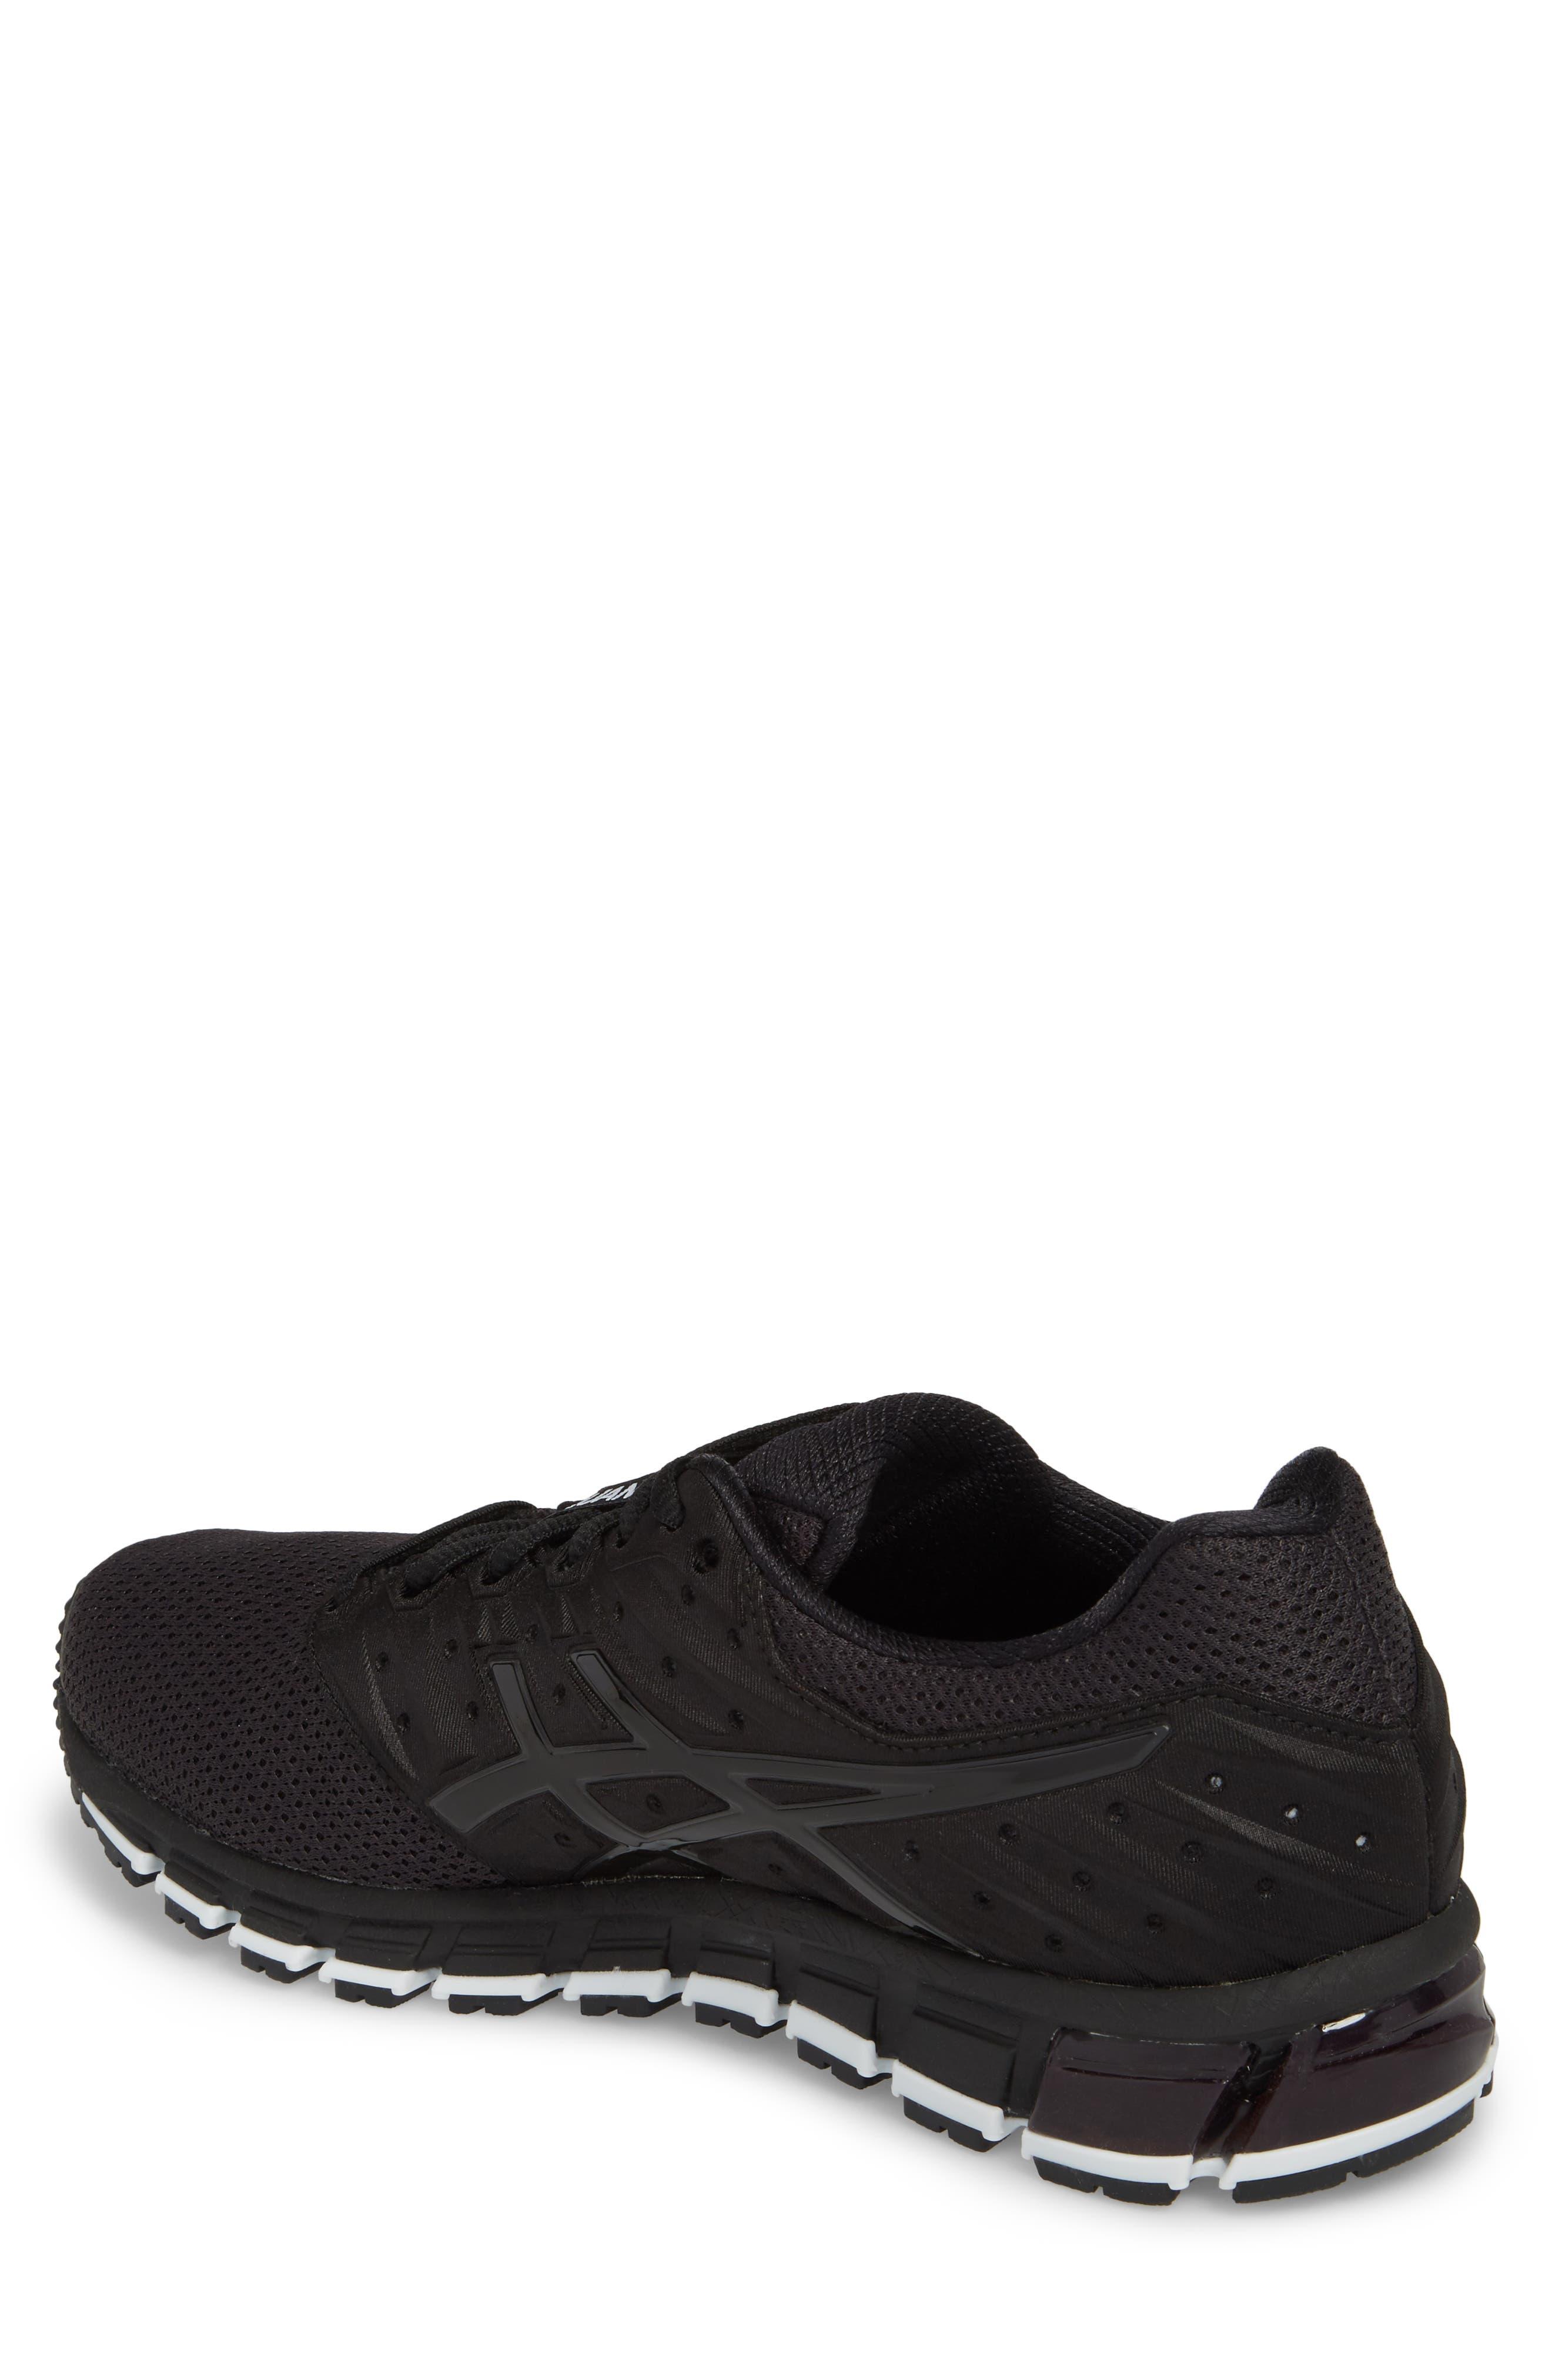 GEL-Quantum 180 2 MX Running Shoe,                             Alternate thumbnail 2, color,                             Phantom/ Black/ White